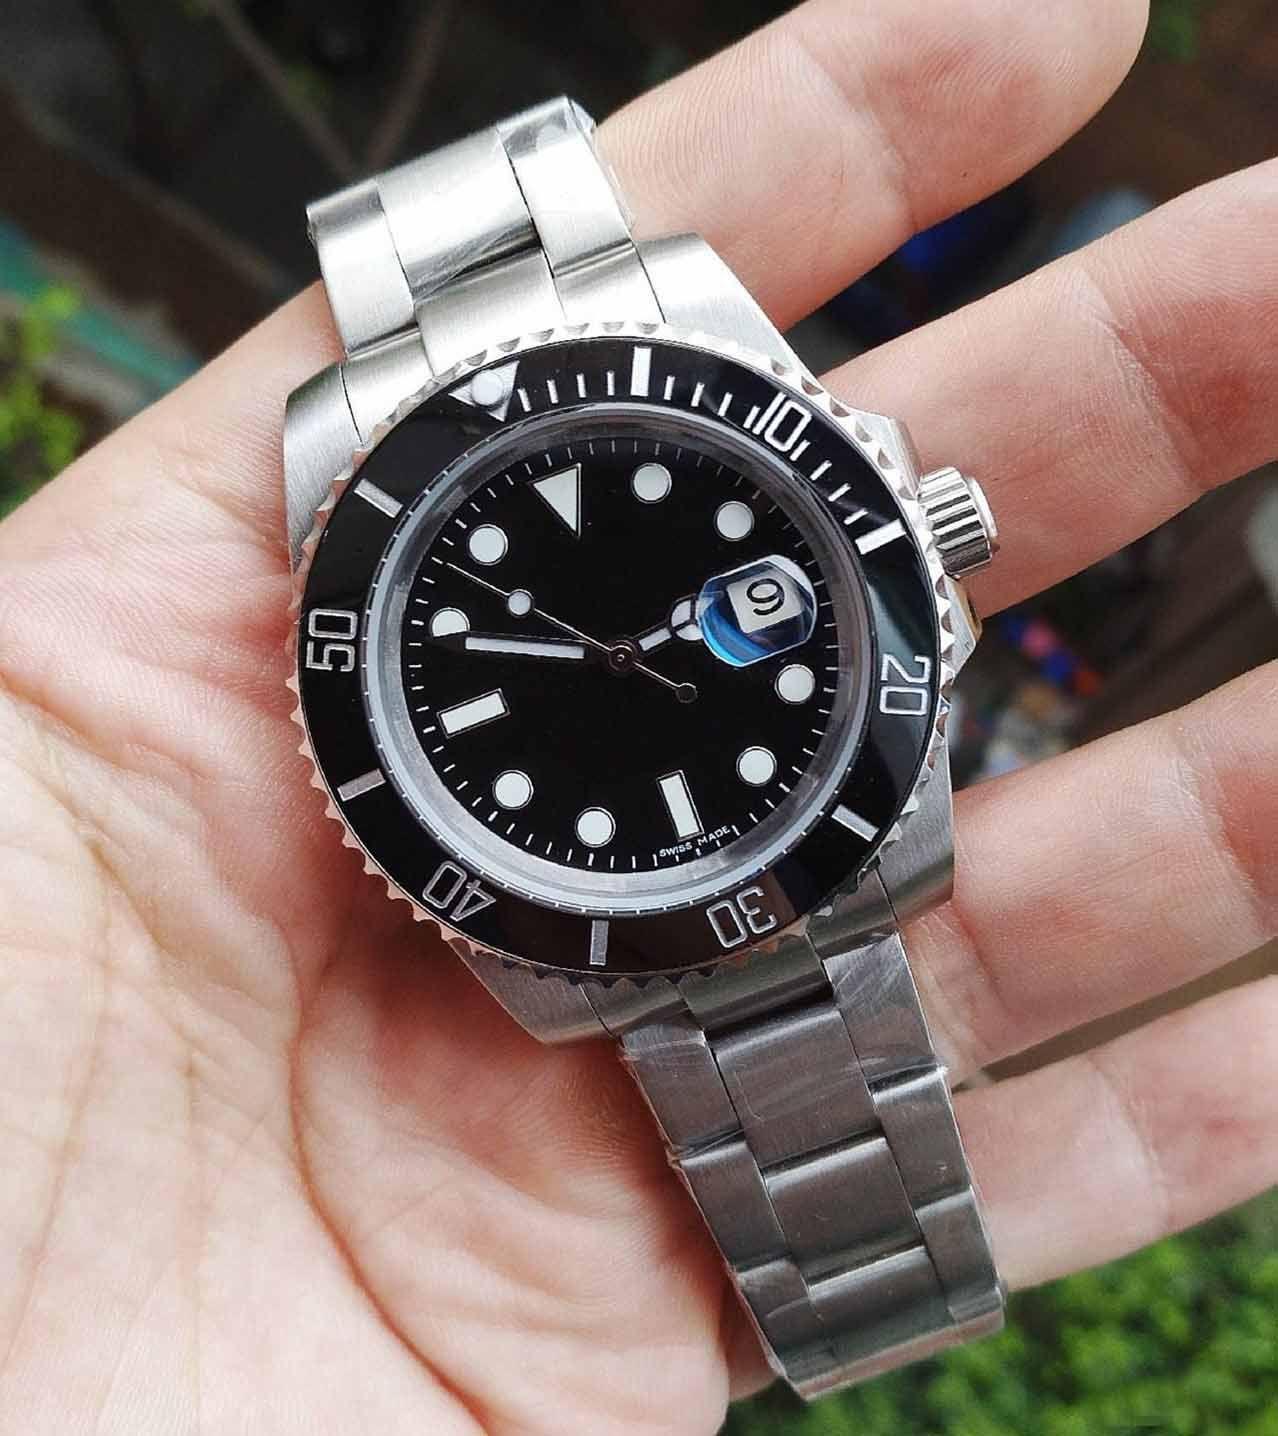 디럭스 남성 시계 자동 기계 남성 시계 2813 운동 세라믹 베젤 116610 모델 스테인레스 스틸 사파이어 손목 시계 시계